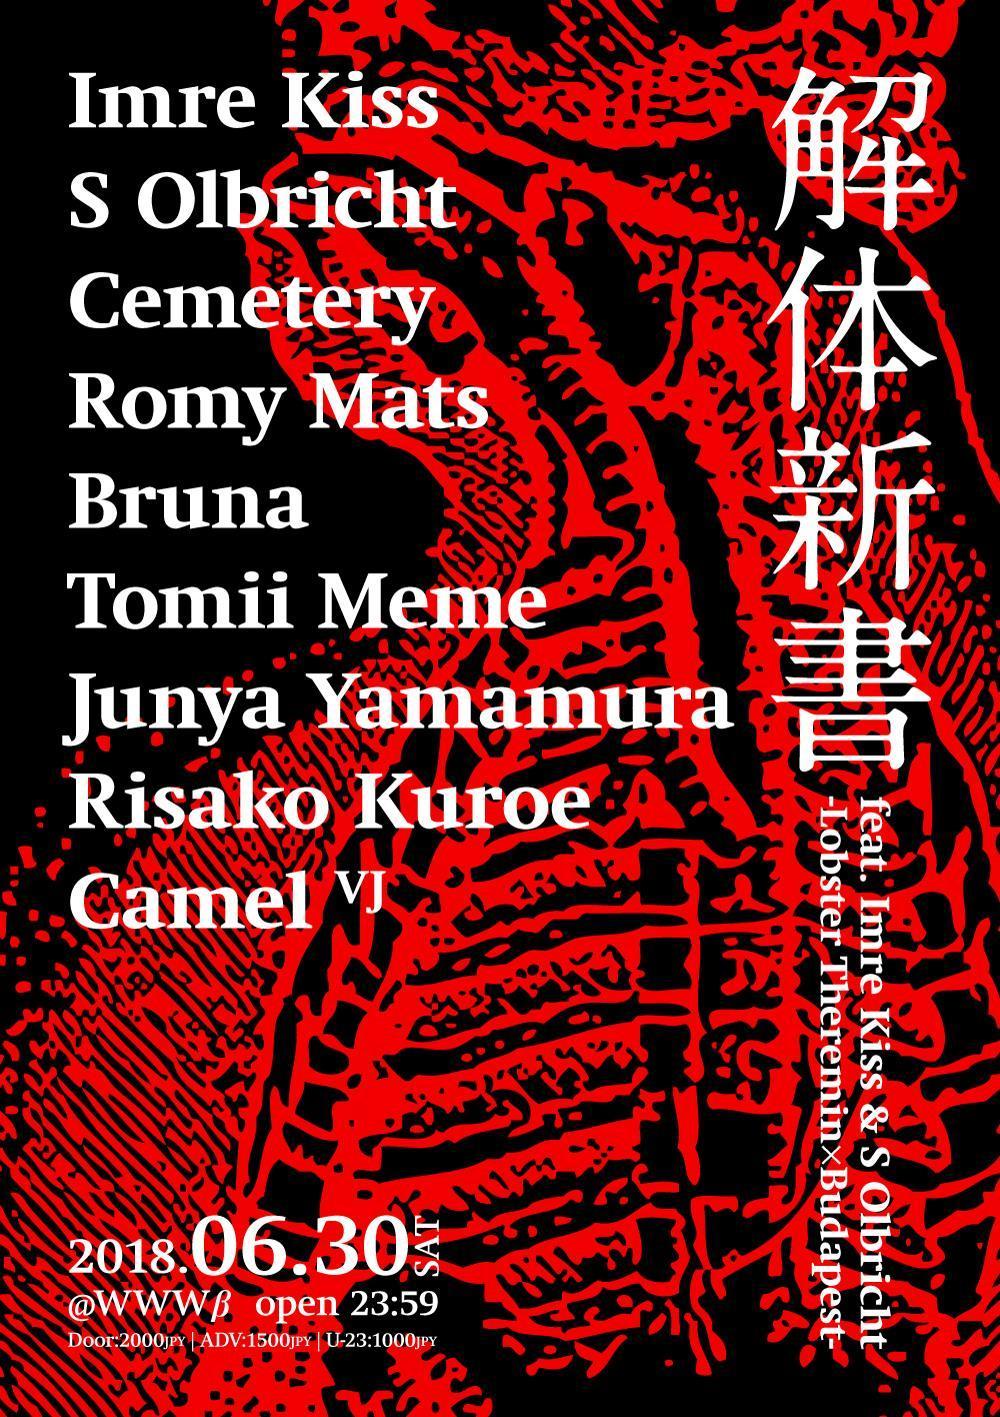 Imre Kiss / S Olbricht / Cemetery - LIVE - / Romy Mats / VJ Camel / Bruna / Tomii Meme / Junya Yamamura / Risako Kuroe